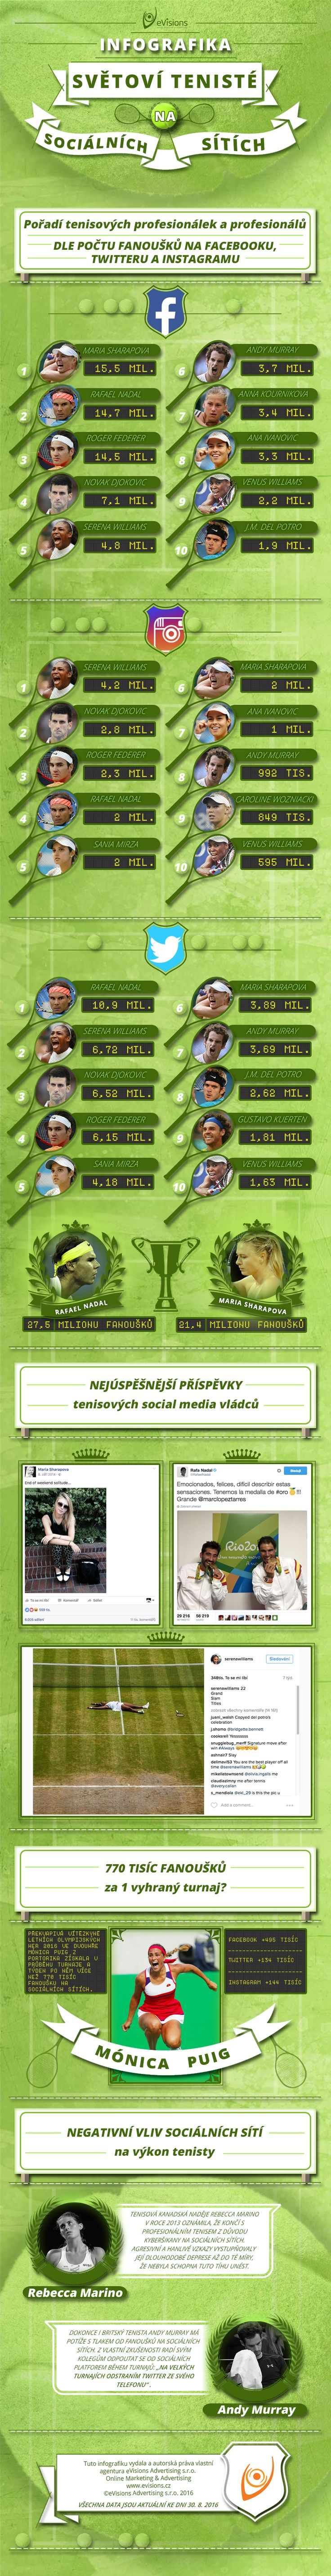 Infografika: Světoví tenisté na sociálních sítích Po úspěšných sportovních infografikách věnujících se fotbalu a hokeji na sociálních sítích, jsme si vzali na paškál i třetí nejoblíbenější sportovní odvětví. Pojďme se tedy společně podívat, kteří tenisoví profíci mají na sítích největší fanouškovskou základnu.